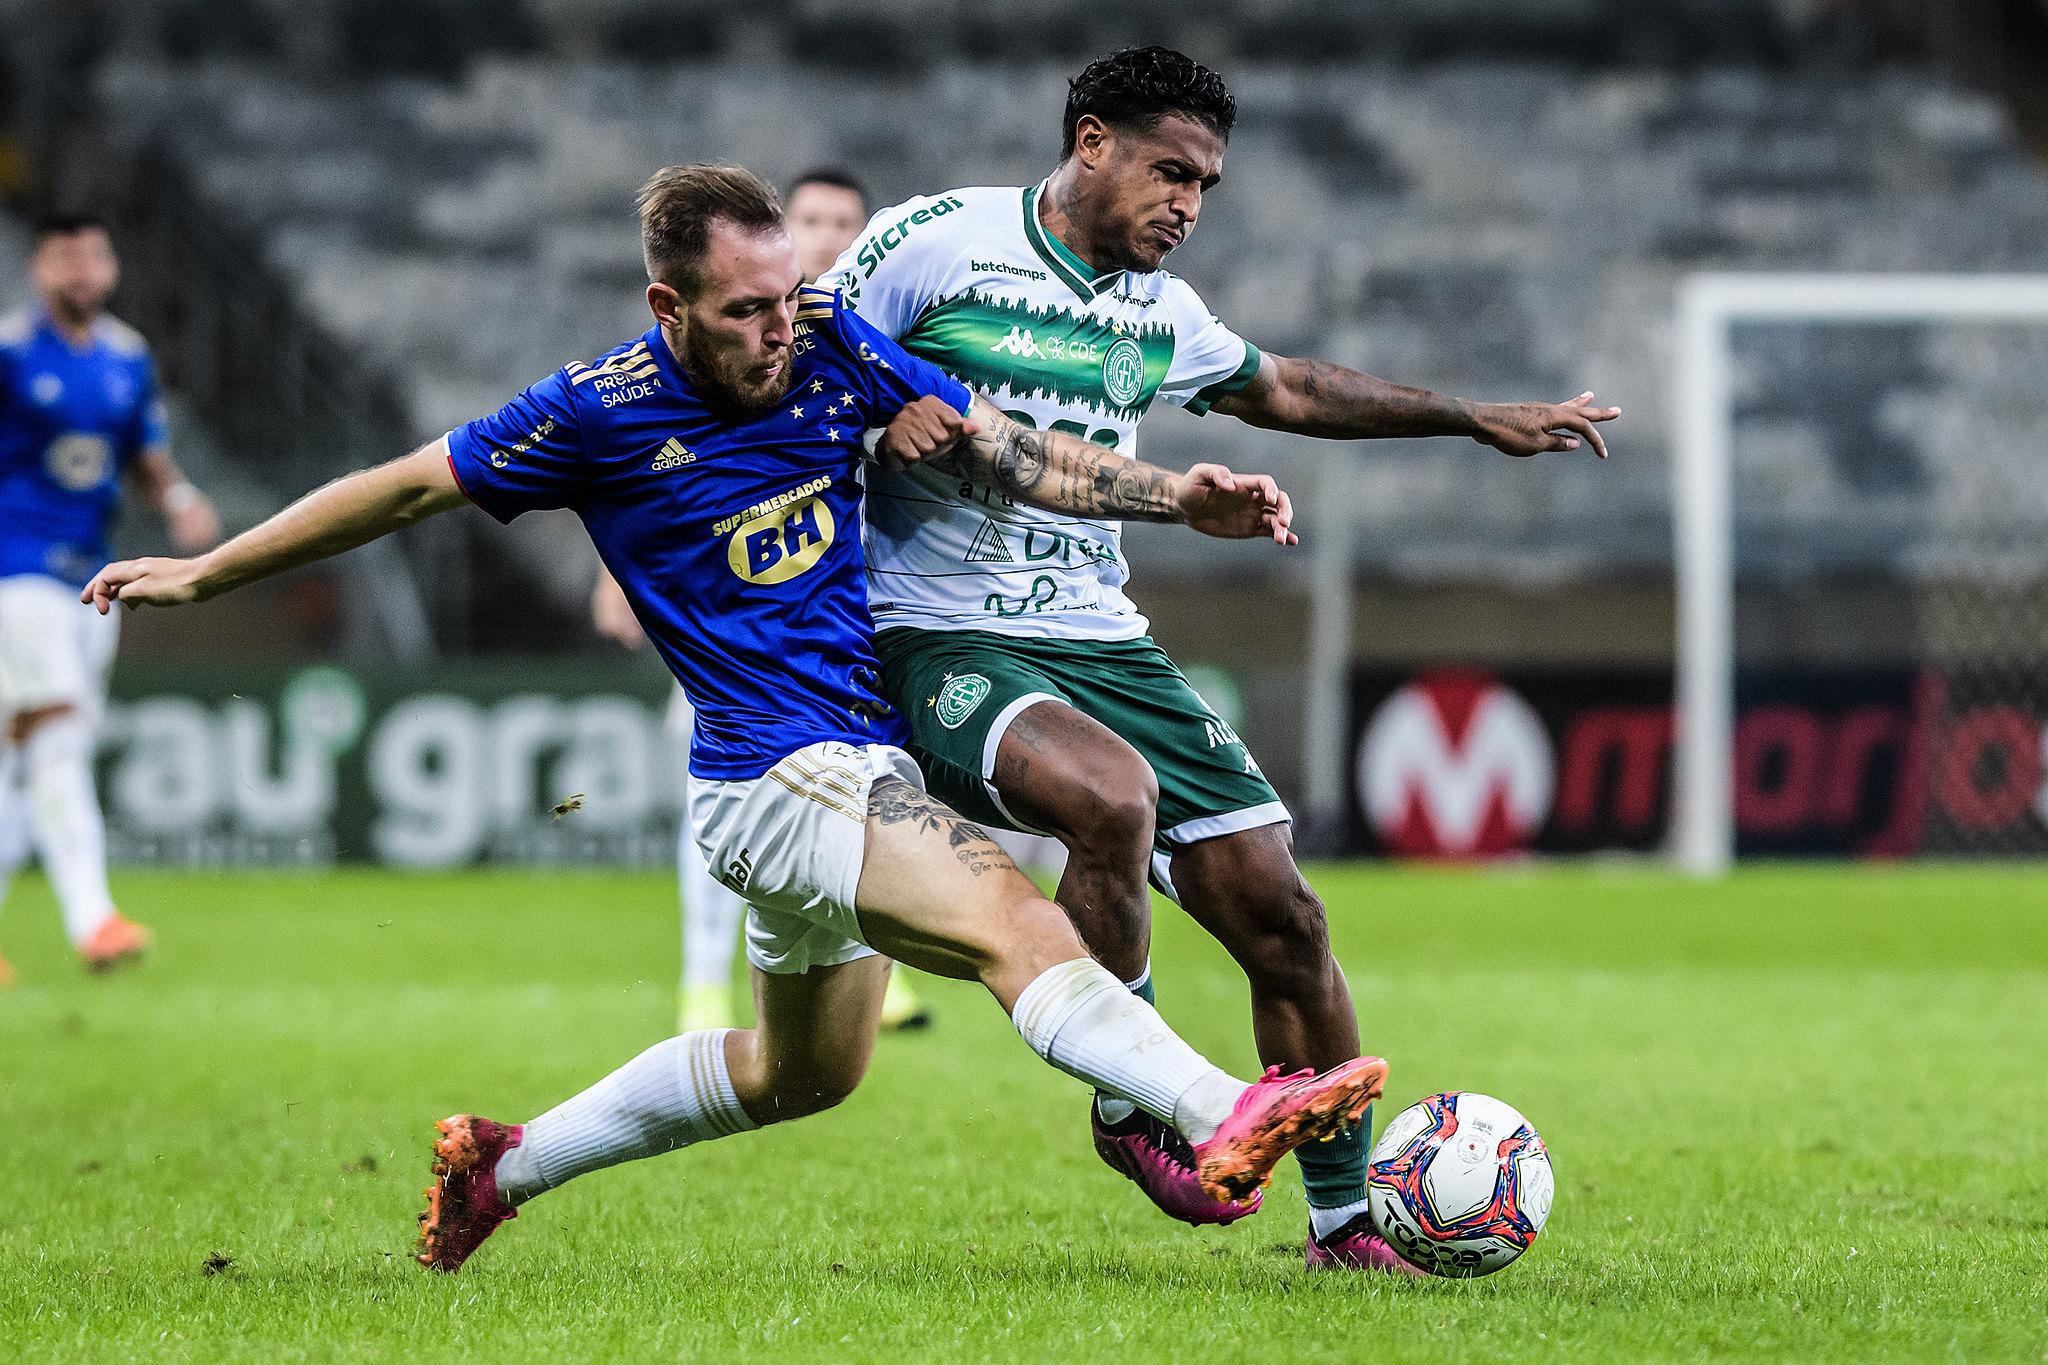 Cruzeiro visita o Guarani pensando em se afastar do Z-4 da Série B